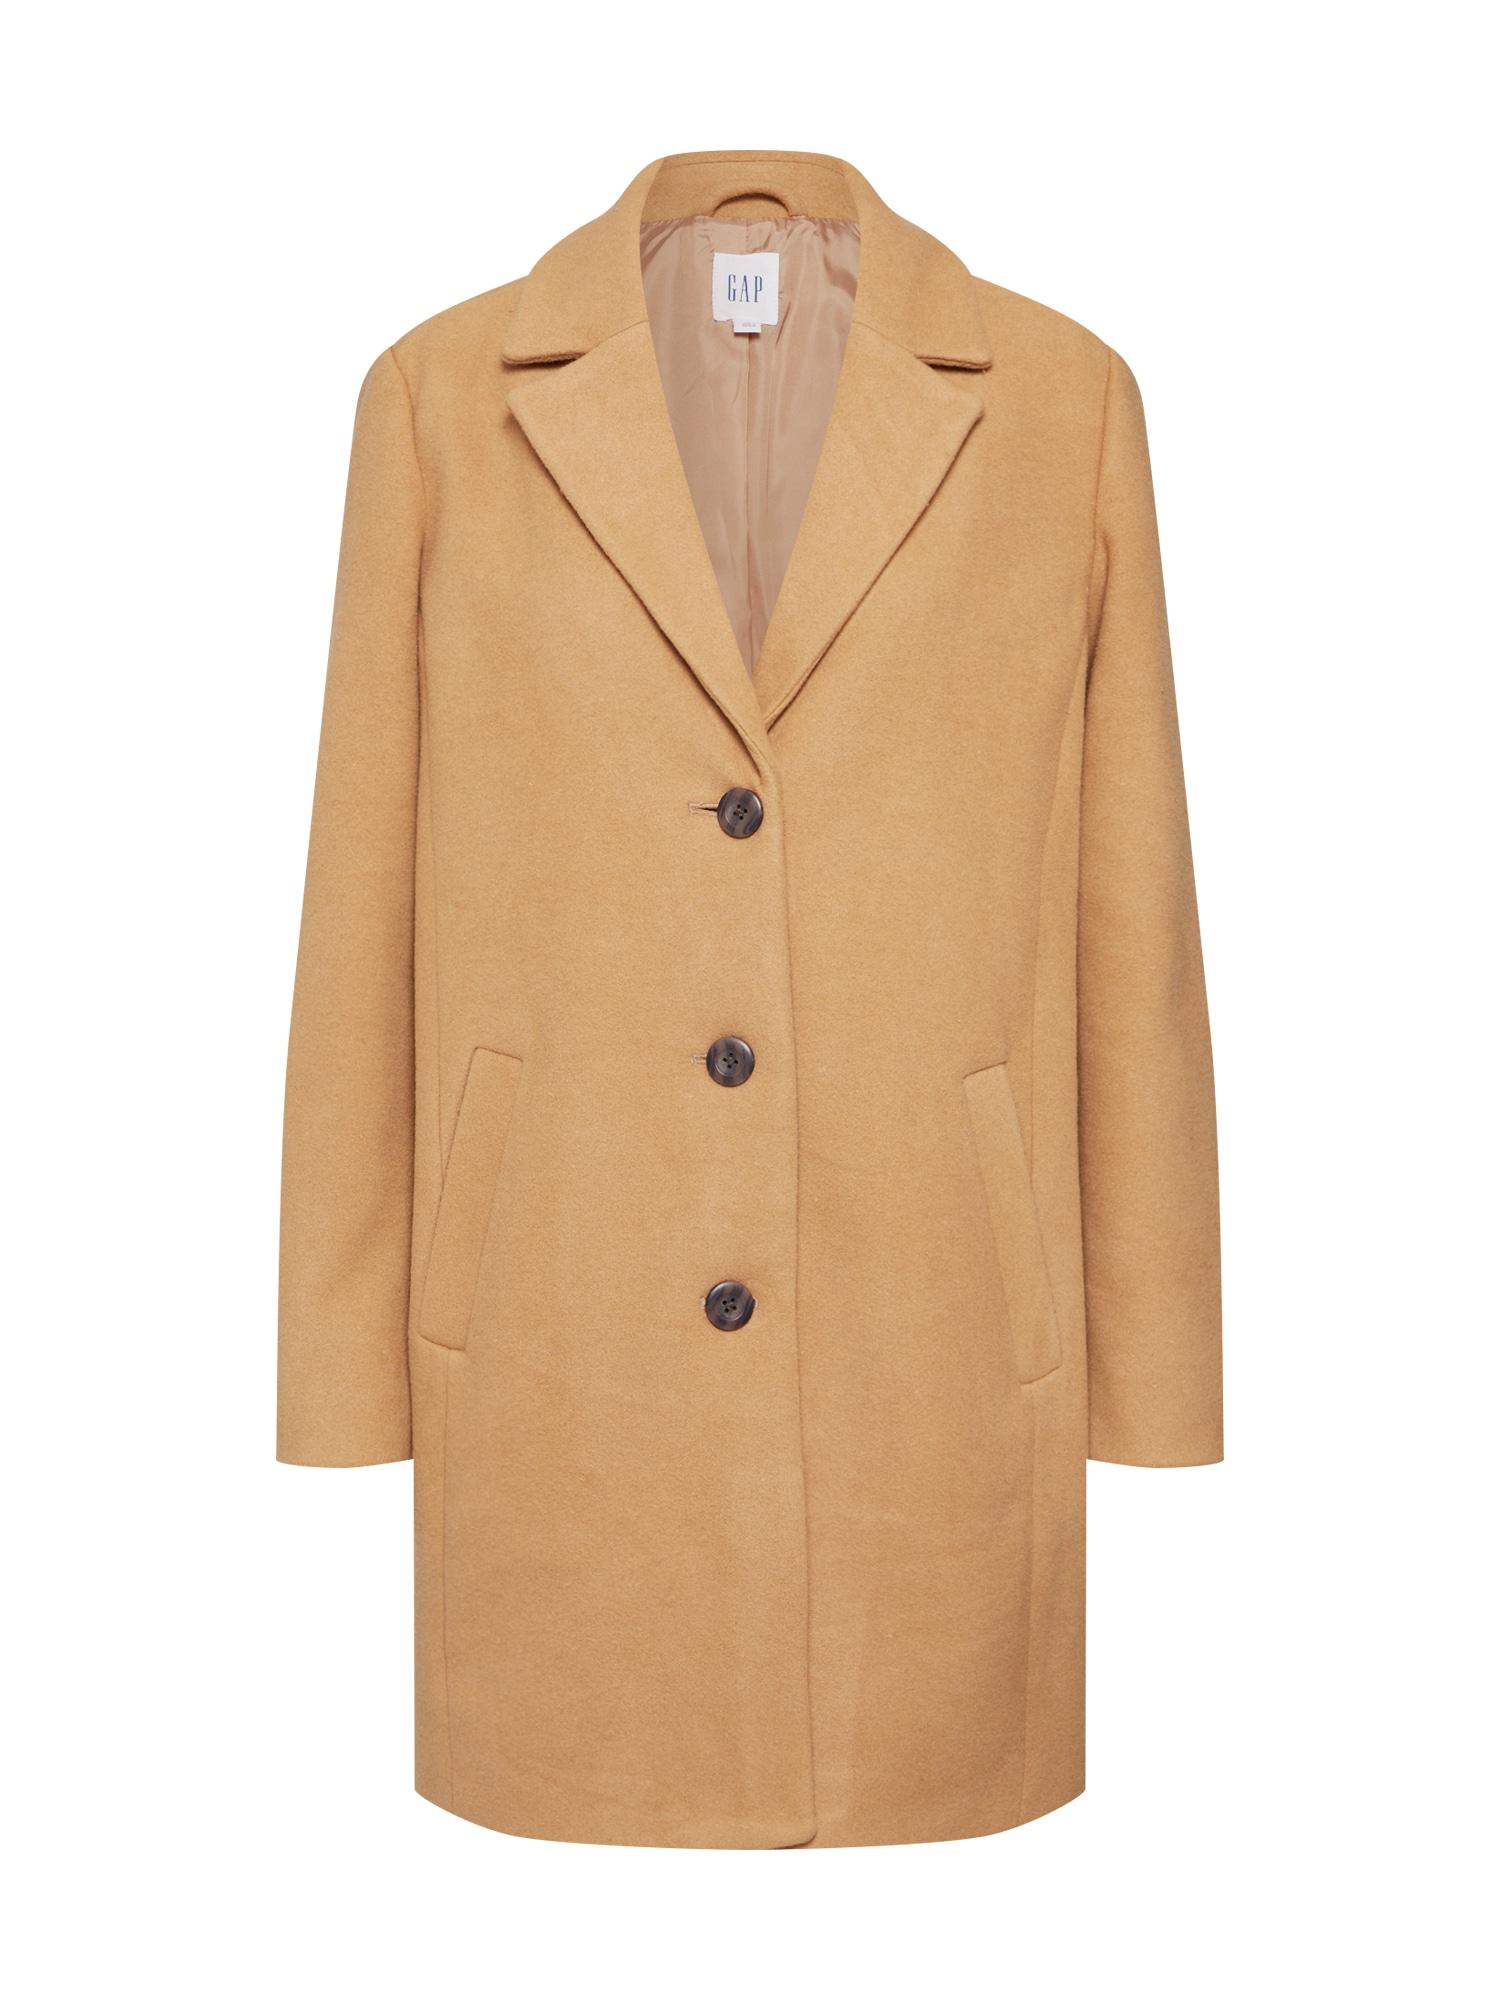 GAP Rudeninis-žieminis paltas 'V-LONG TOP COAT' kupranugario